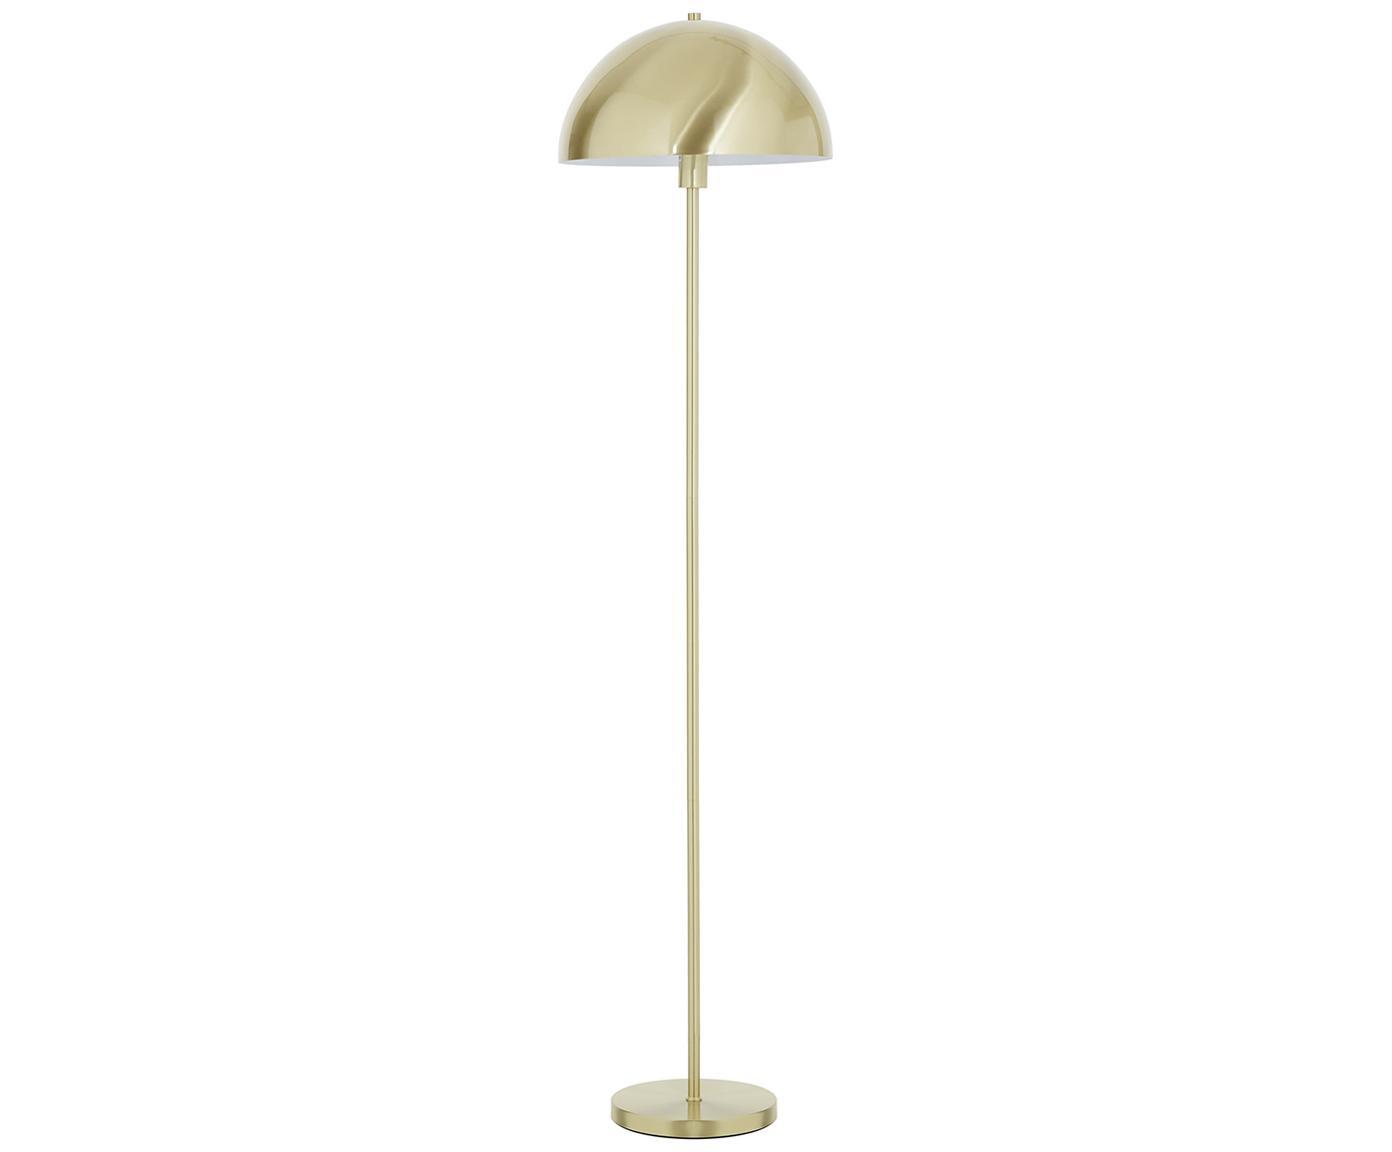 Stehlampe Matilda, Lampenschirm: Metall, gebürstet, Messingfarben, Ø 40 x H 164 cm